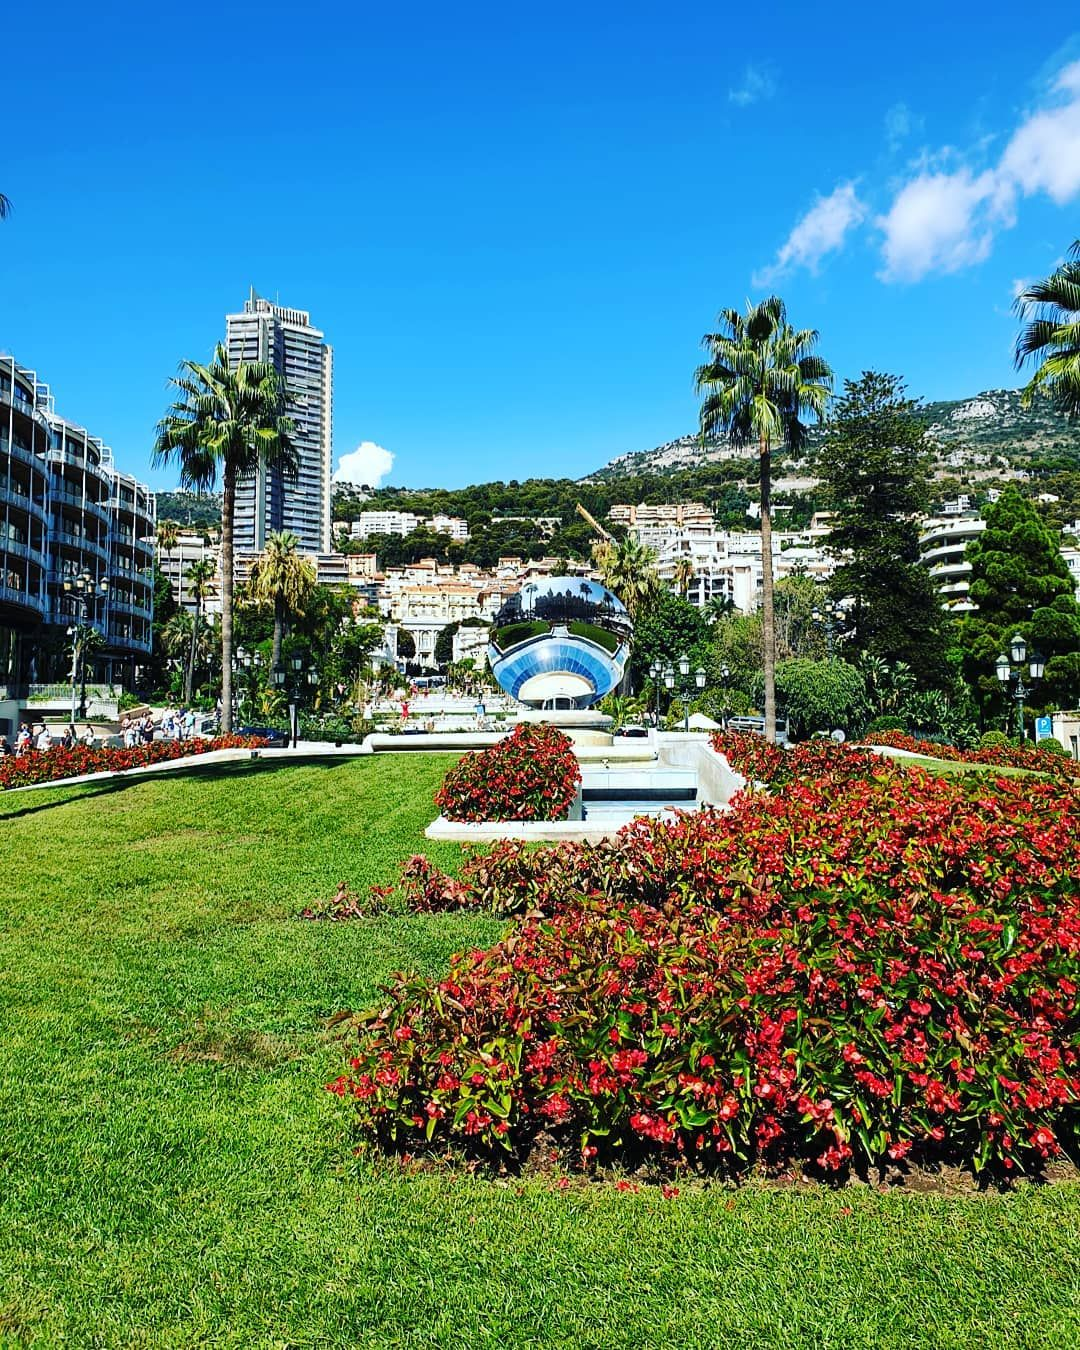 Monte Carlo Garden